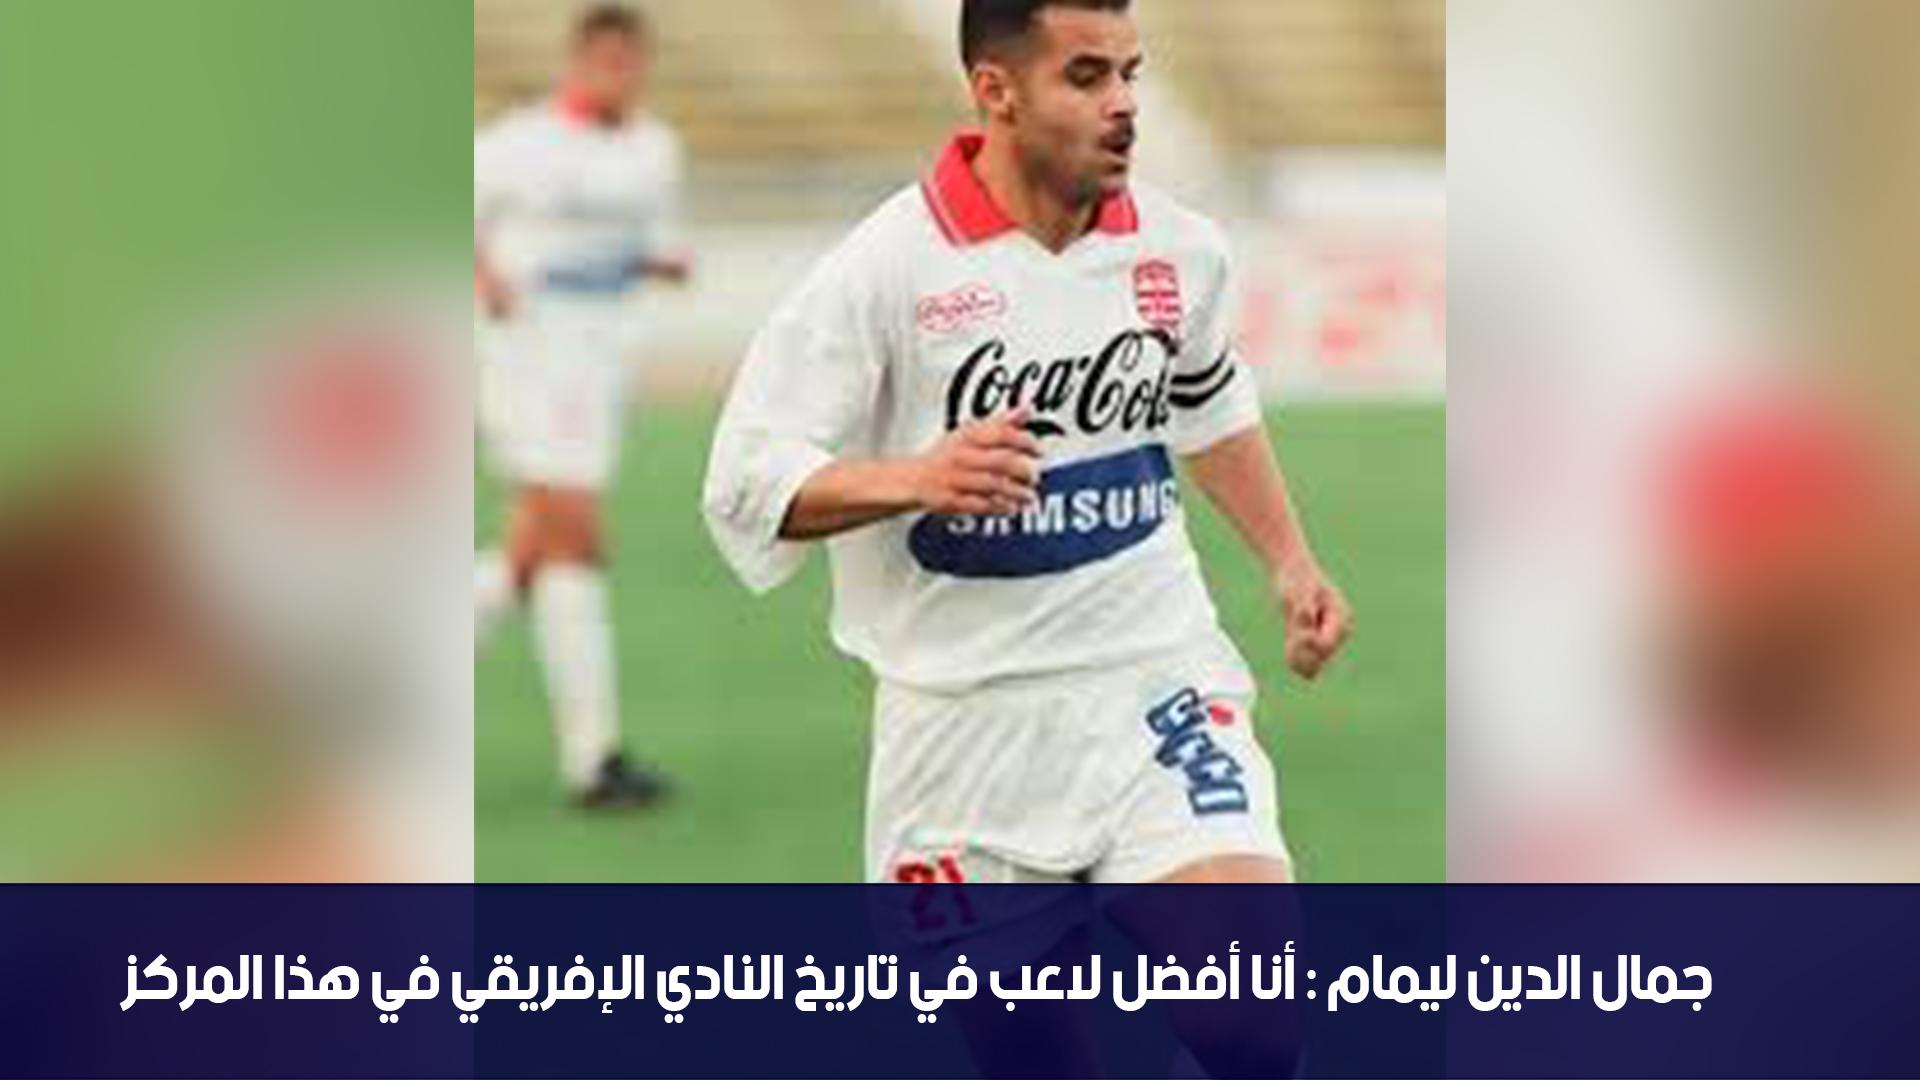 جمال الدين ليمام : أنا أفضل لاعب في تاريخ النادي الإفريقي في هذا المركز